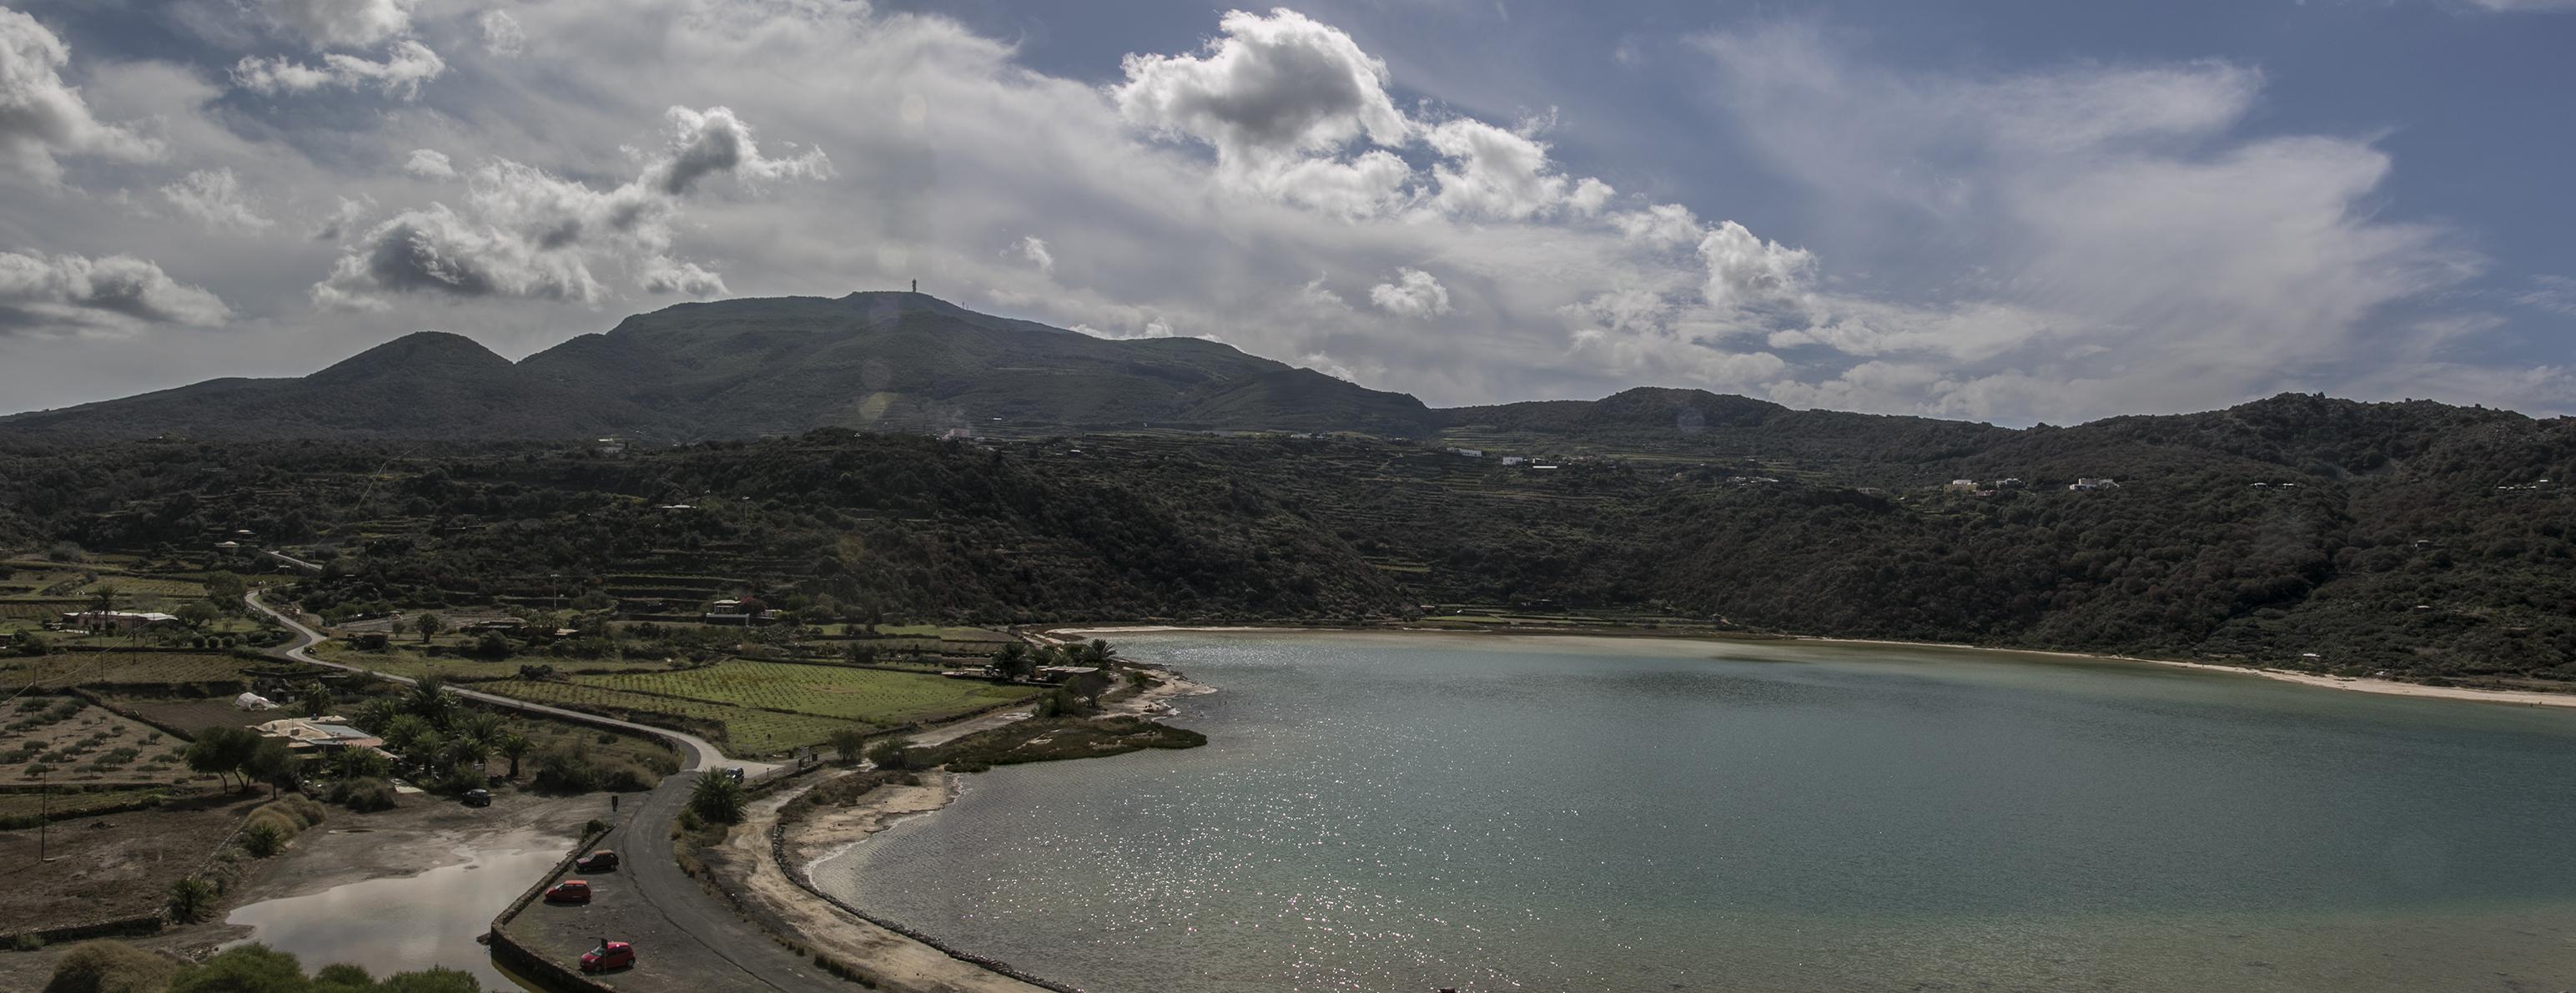 Isola di Pantelleria, Italia